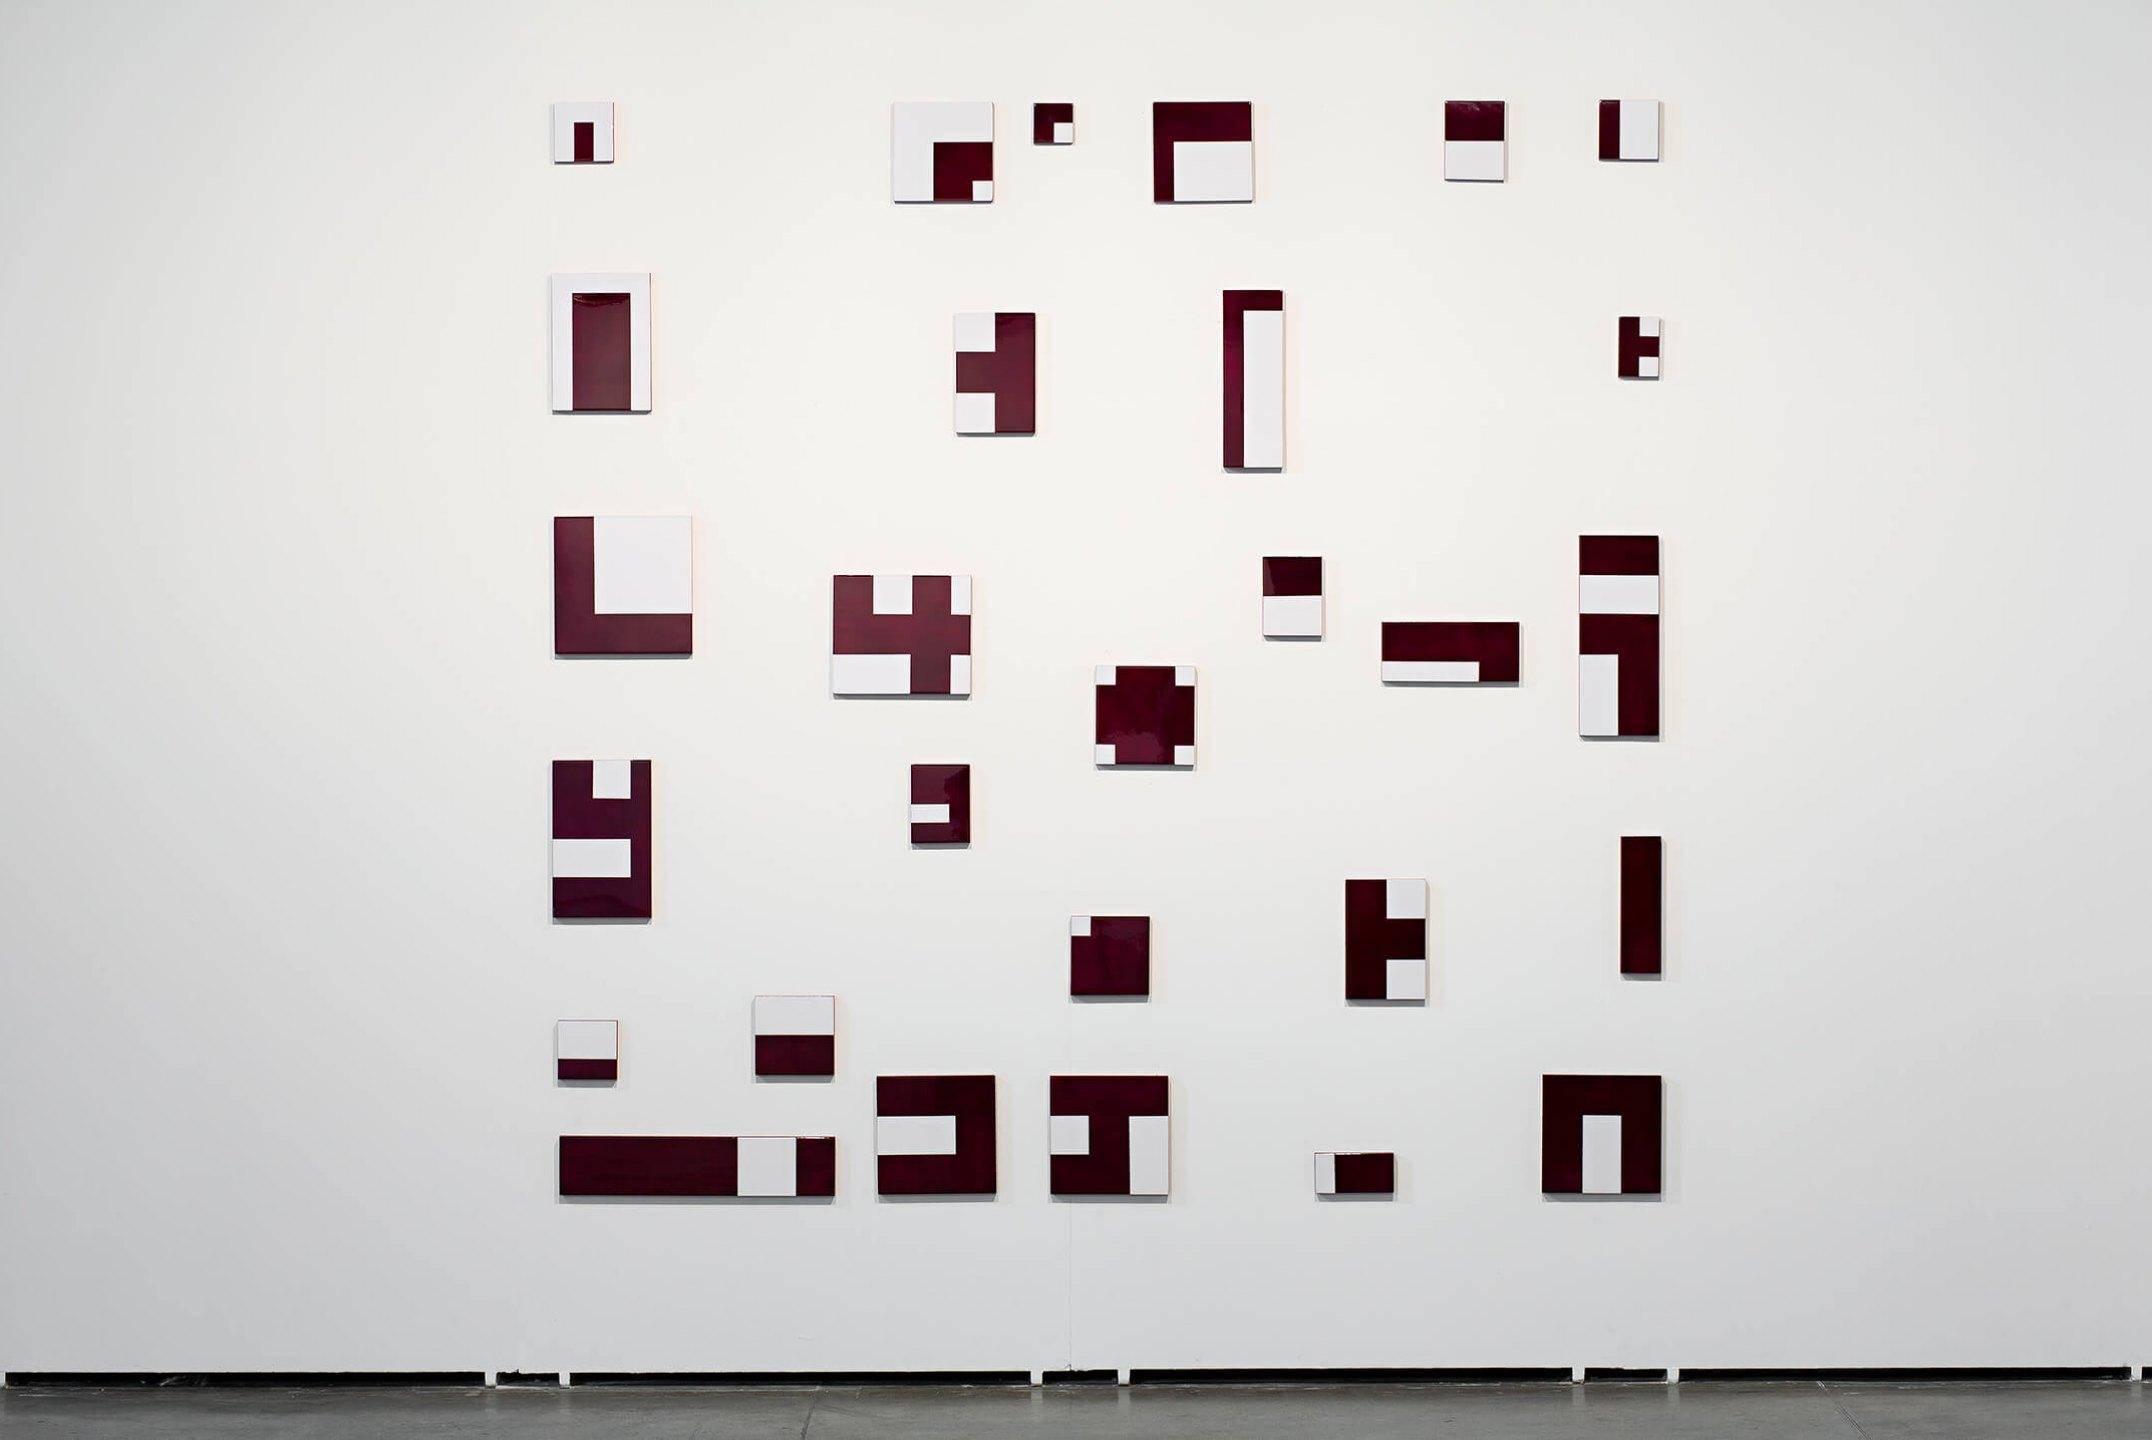 Deyson Gilbert,<em>untitled</em>, 2013, resin, lacquer and wood, 280 × 280 cm - Mendes Wood DM